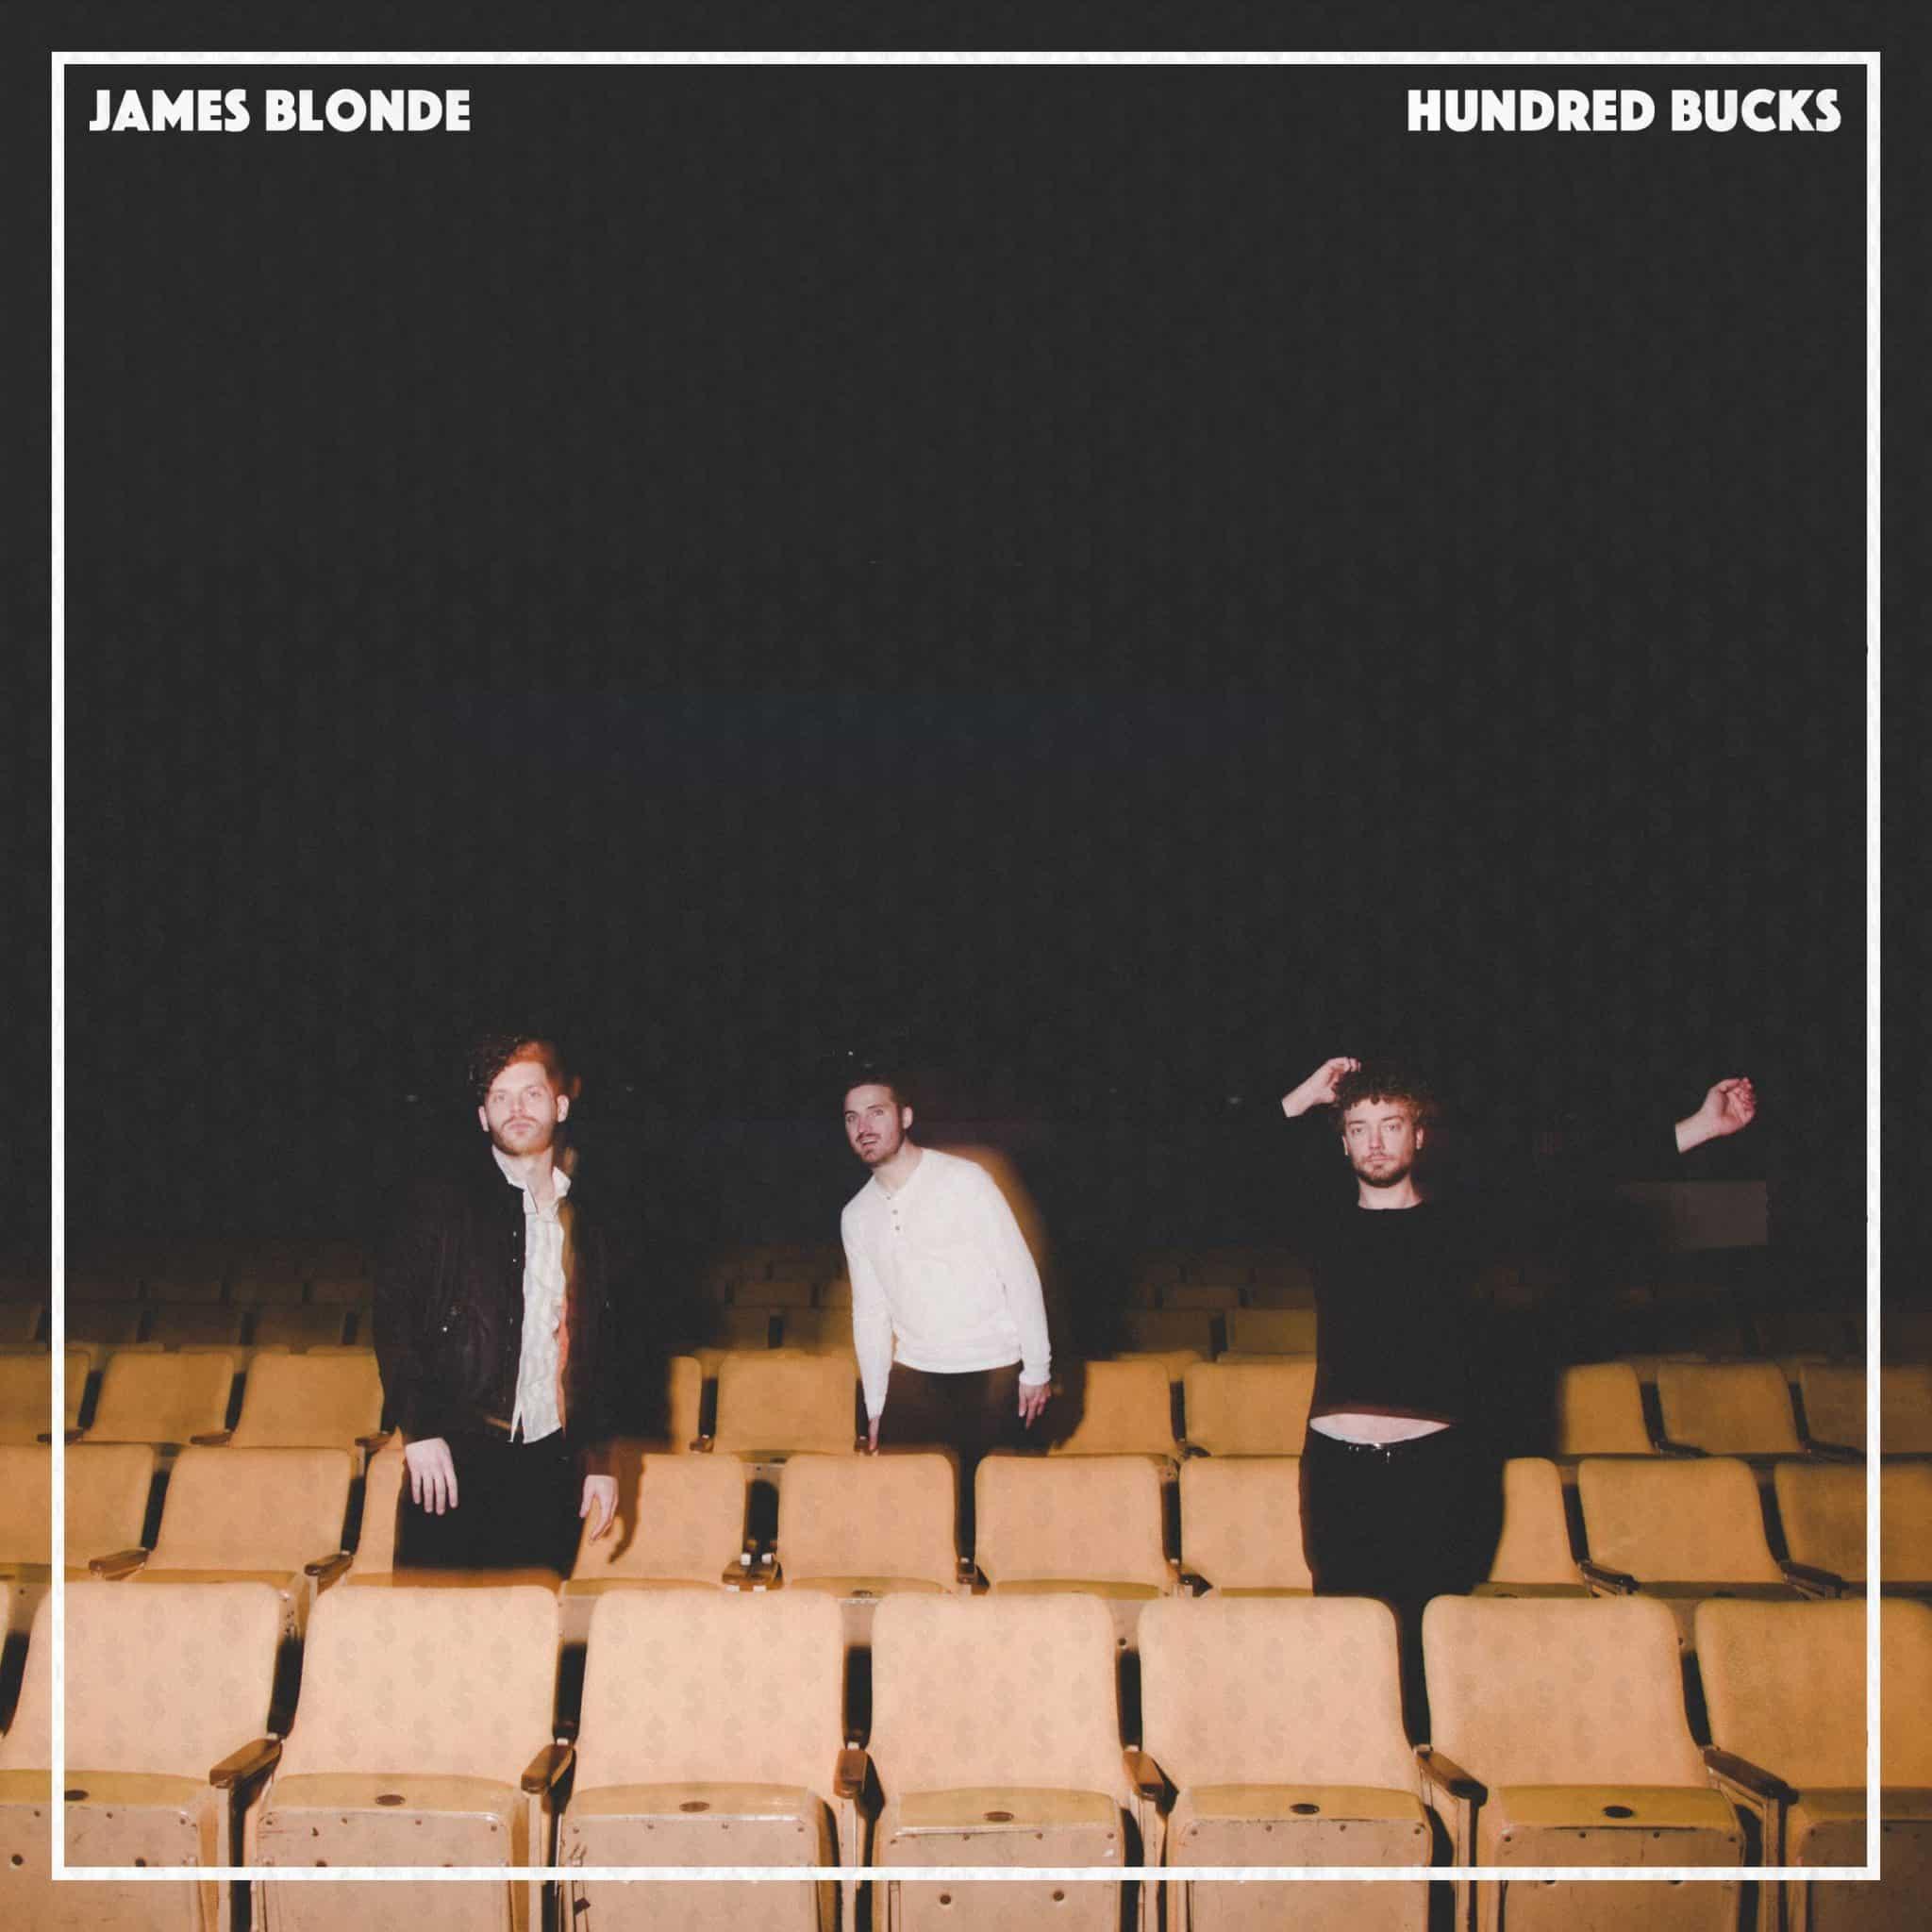 James Blonde - Hundred Bucks